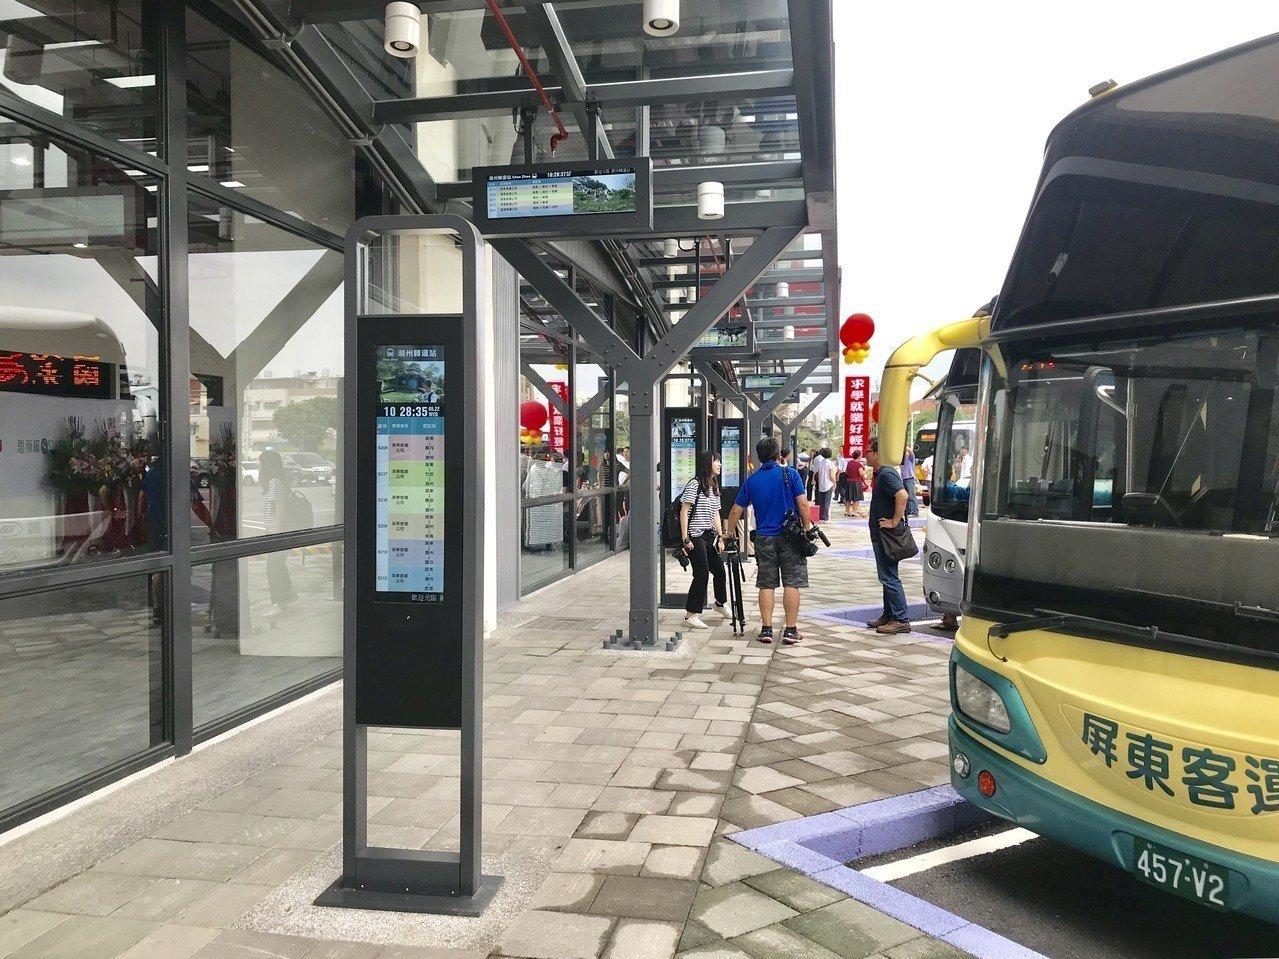 民眾質疑月台沒有門,便利性不如屏東轉運站。記者江國豪/攝影